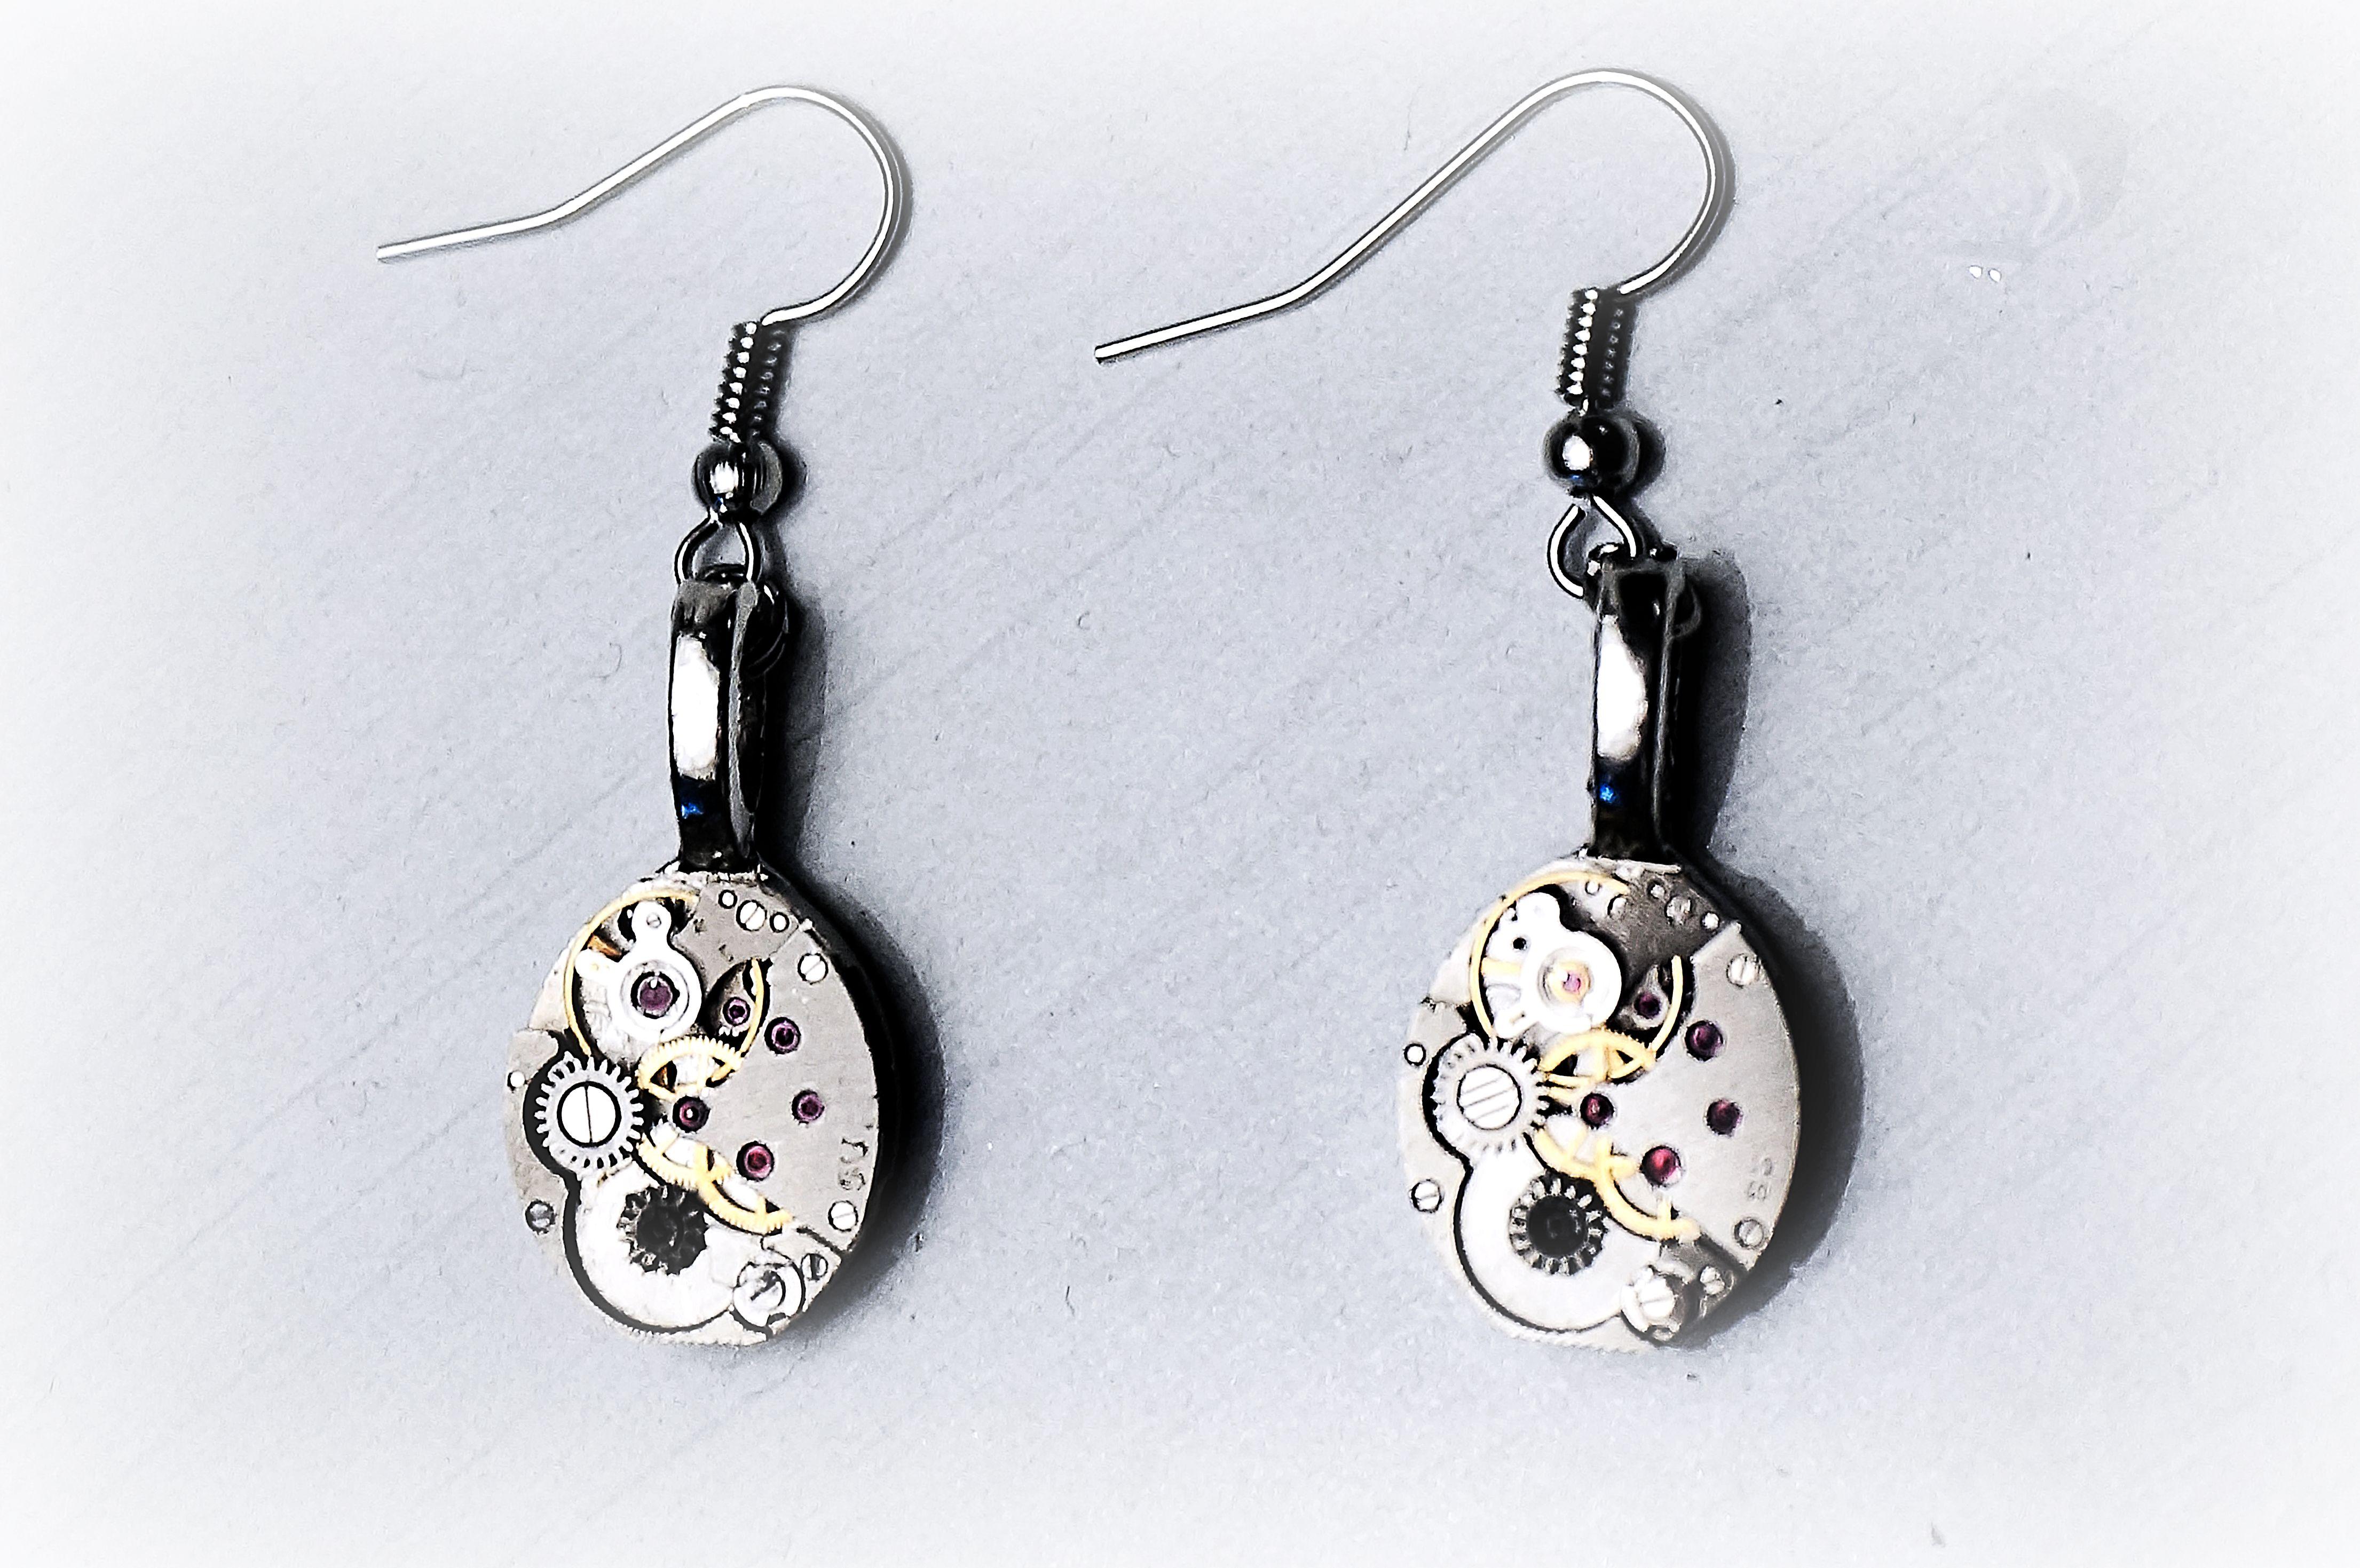 steampunk_bdsm_jeweled_rubies_earrings_vintage_wedding_anniversary_birthday_earrings_5.JPG